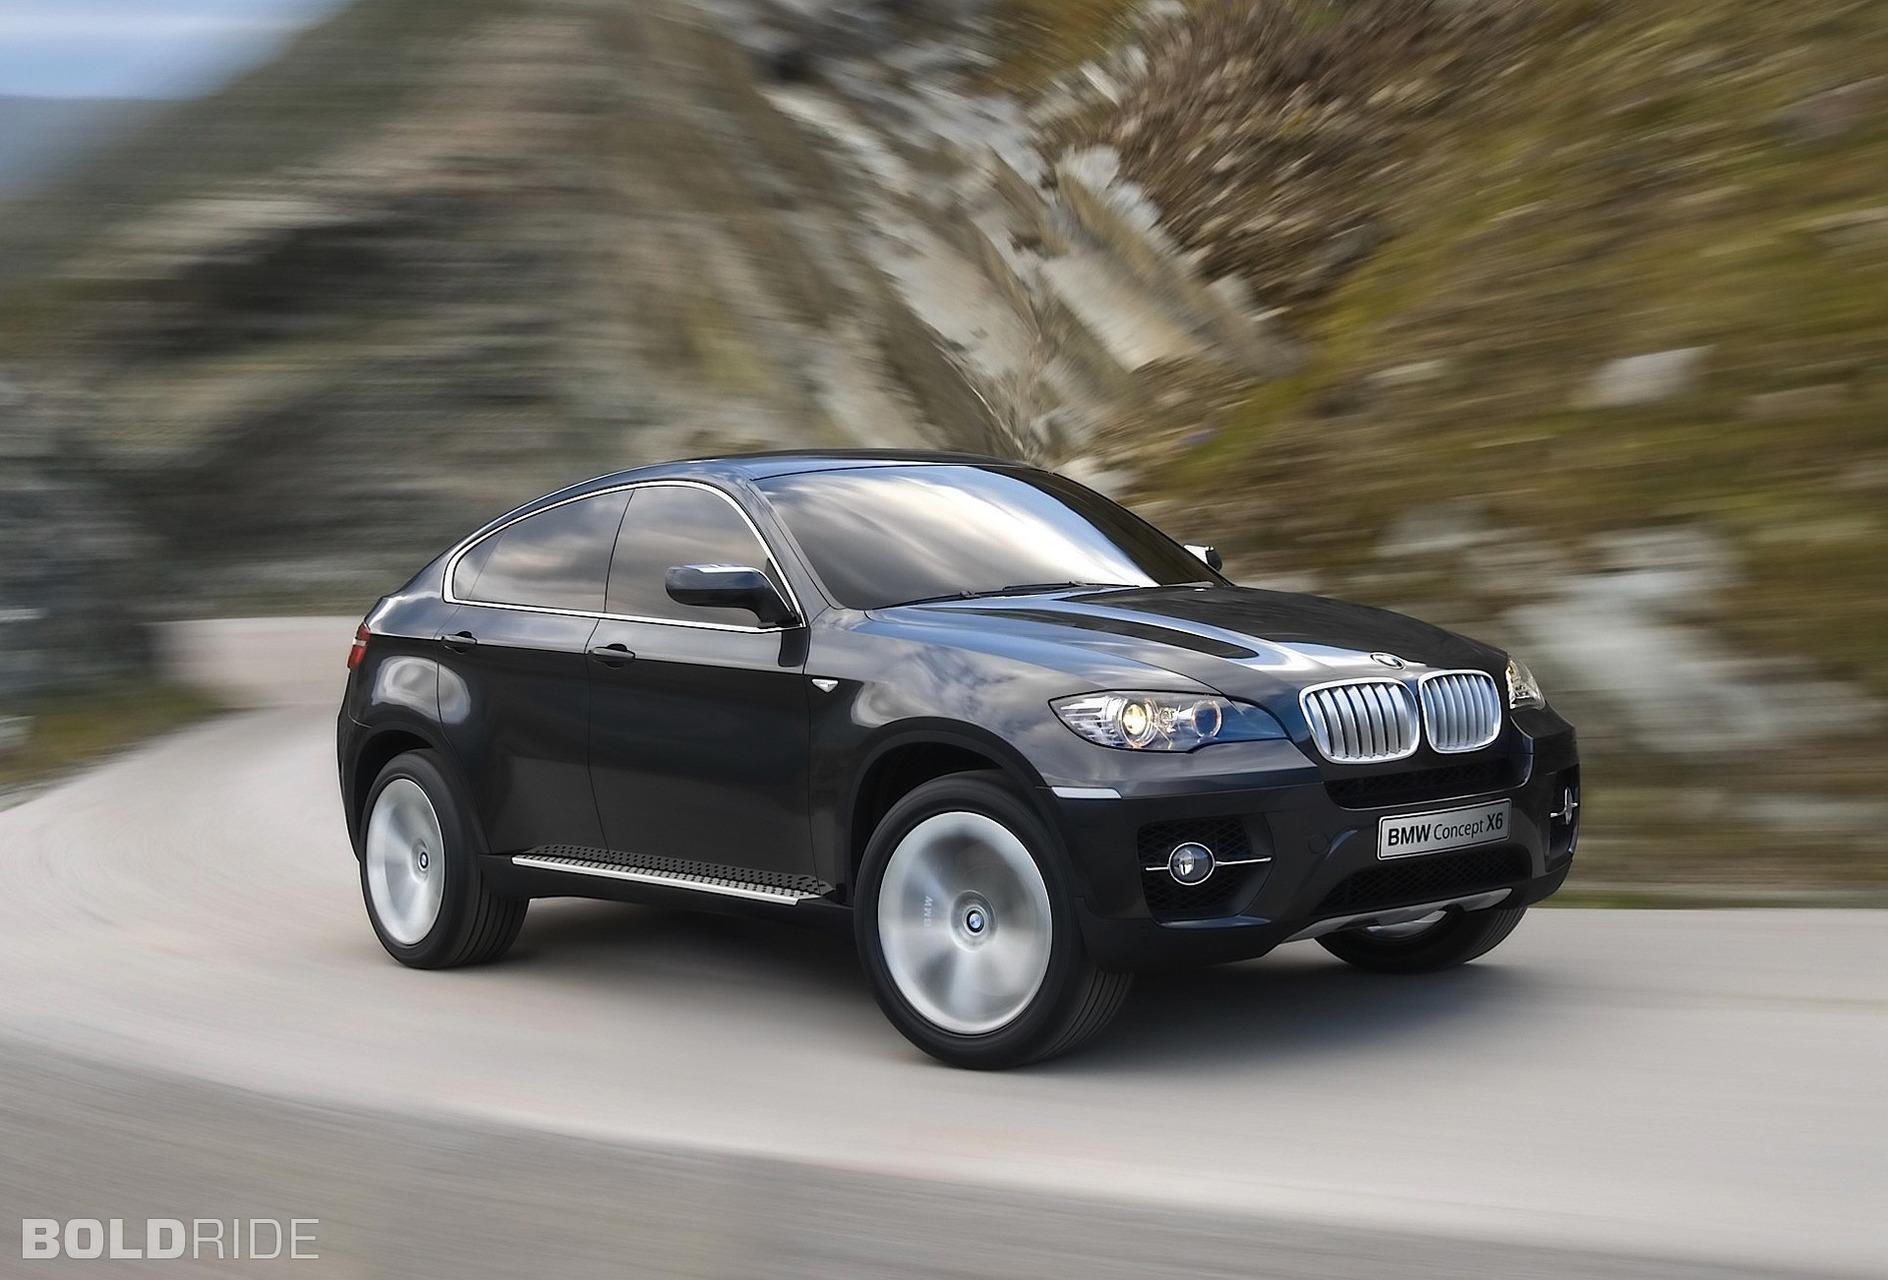 BMW X6 Concept